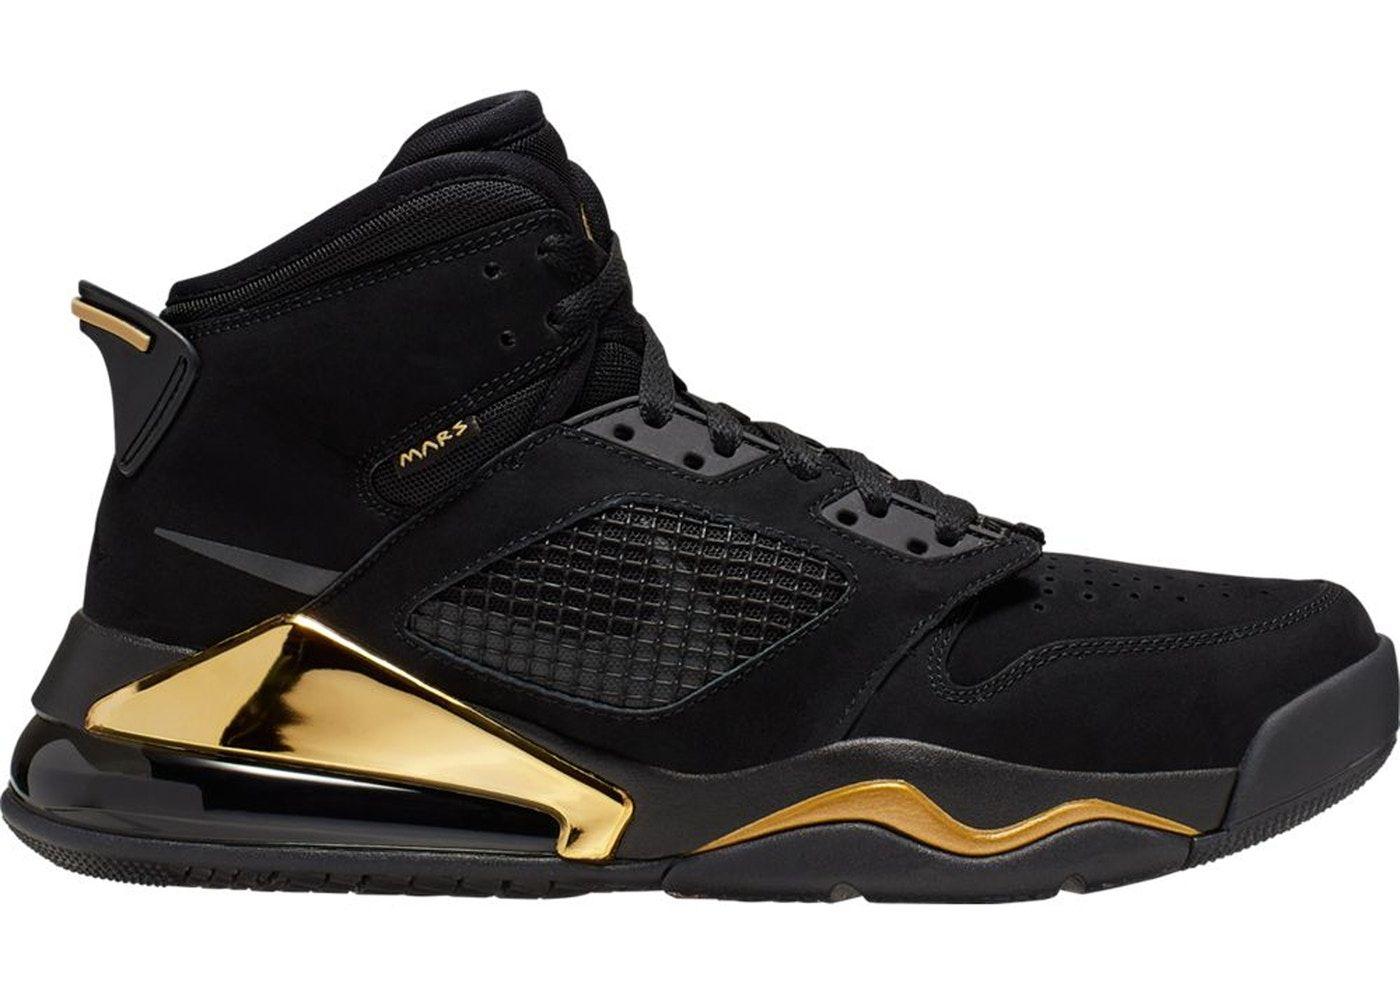 Jordan Mars 270 Black Gold in 2021 | Jordans for men, Womens ...